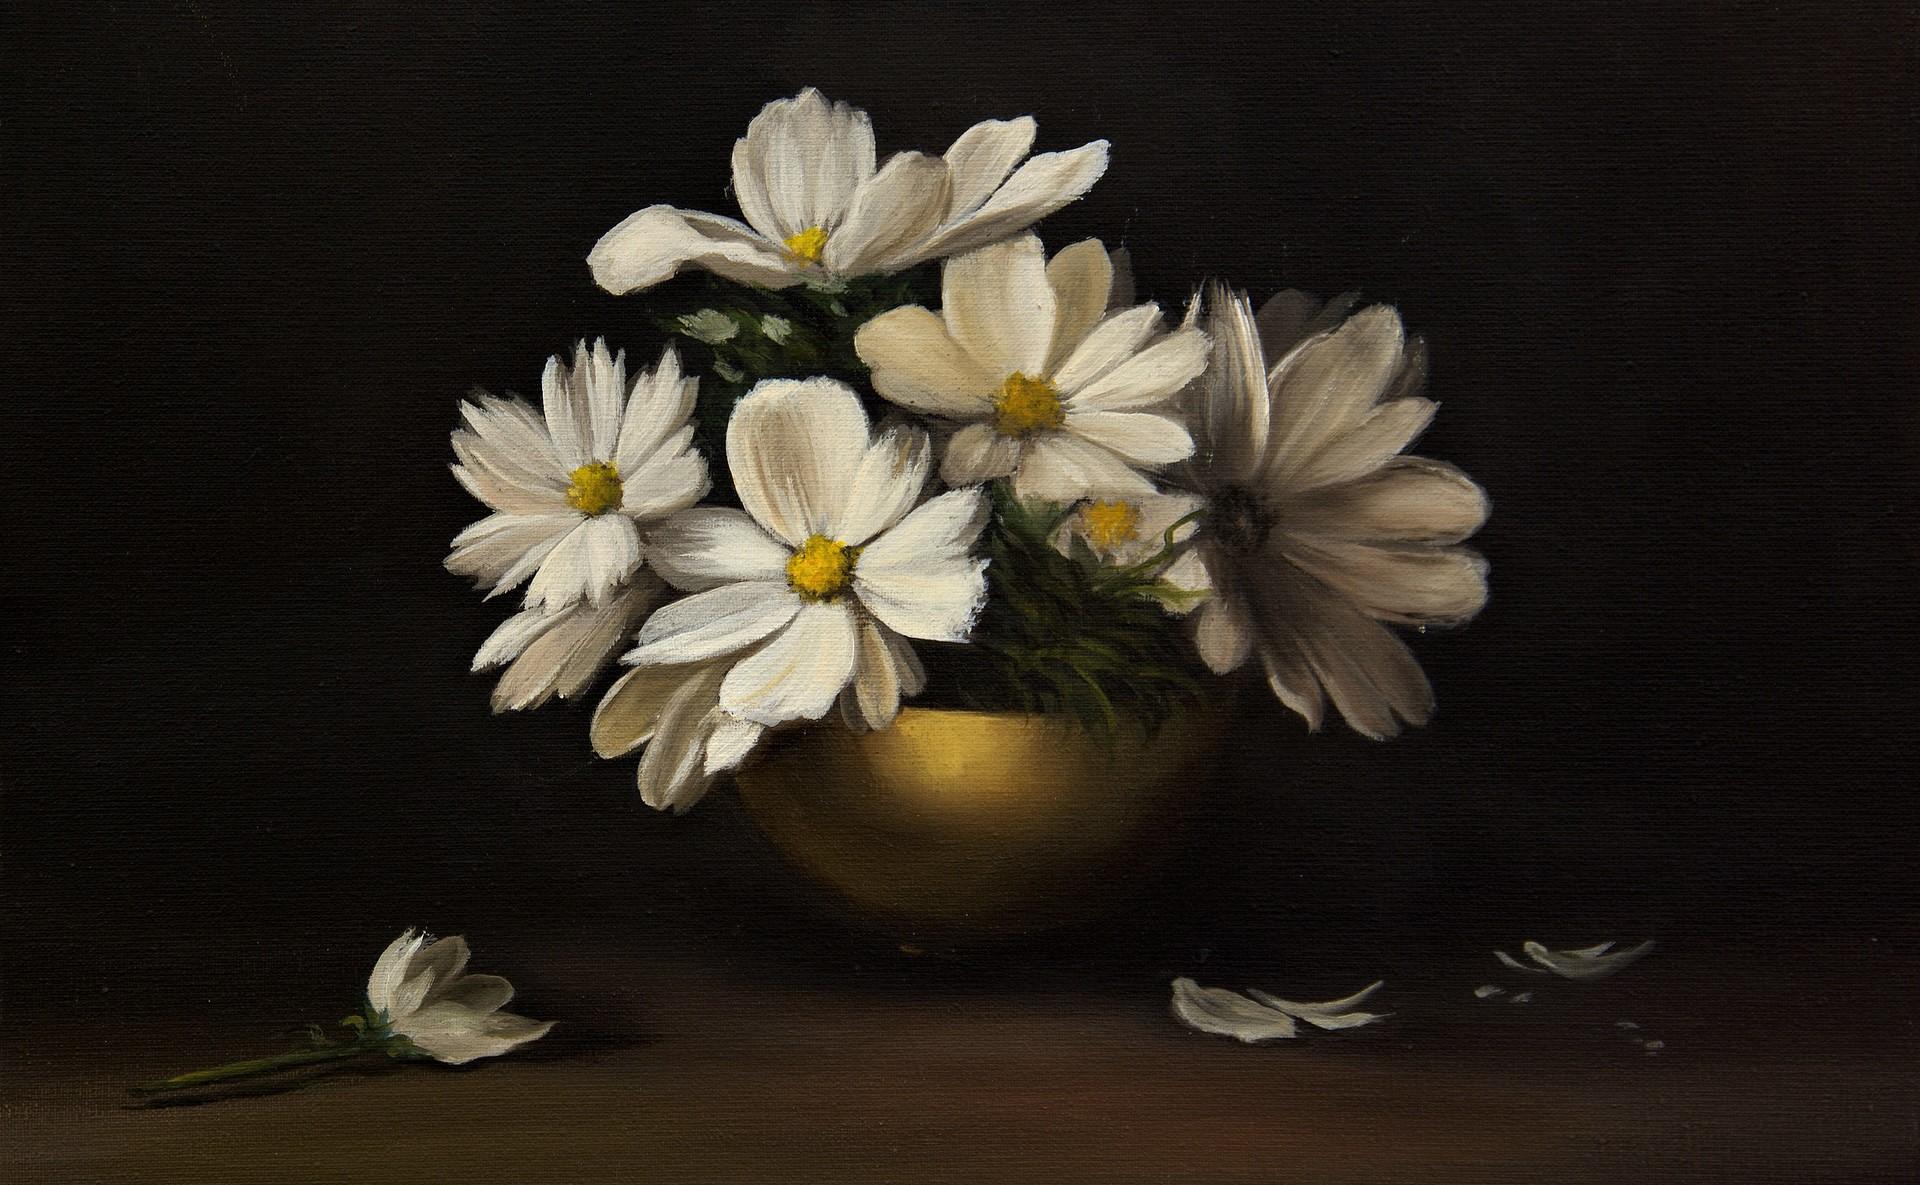 Bowl Flower Painting Still Life White Flower 1920x1185